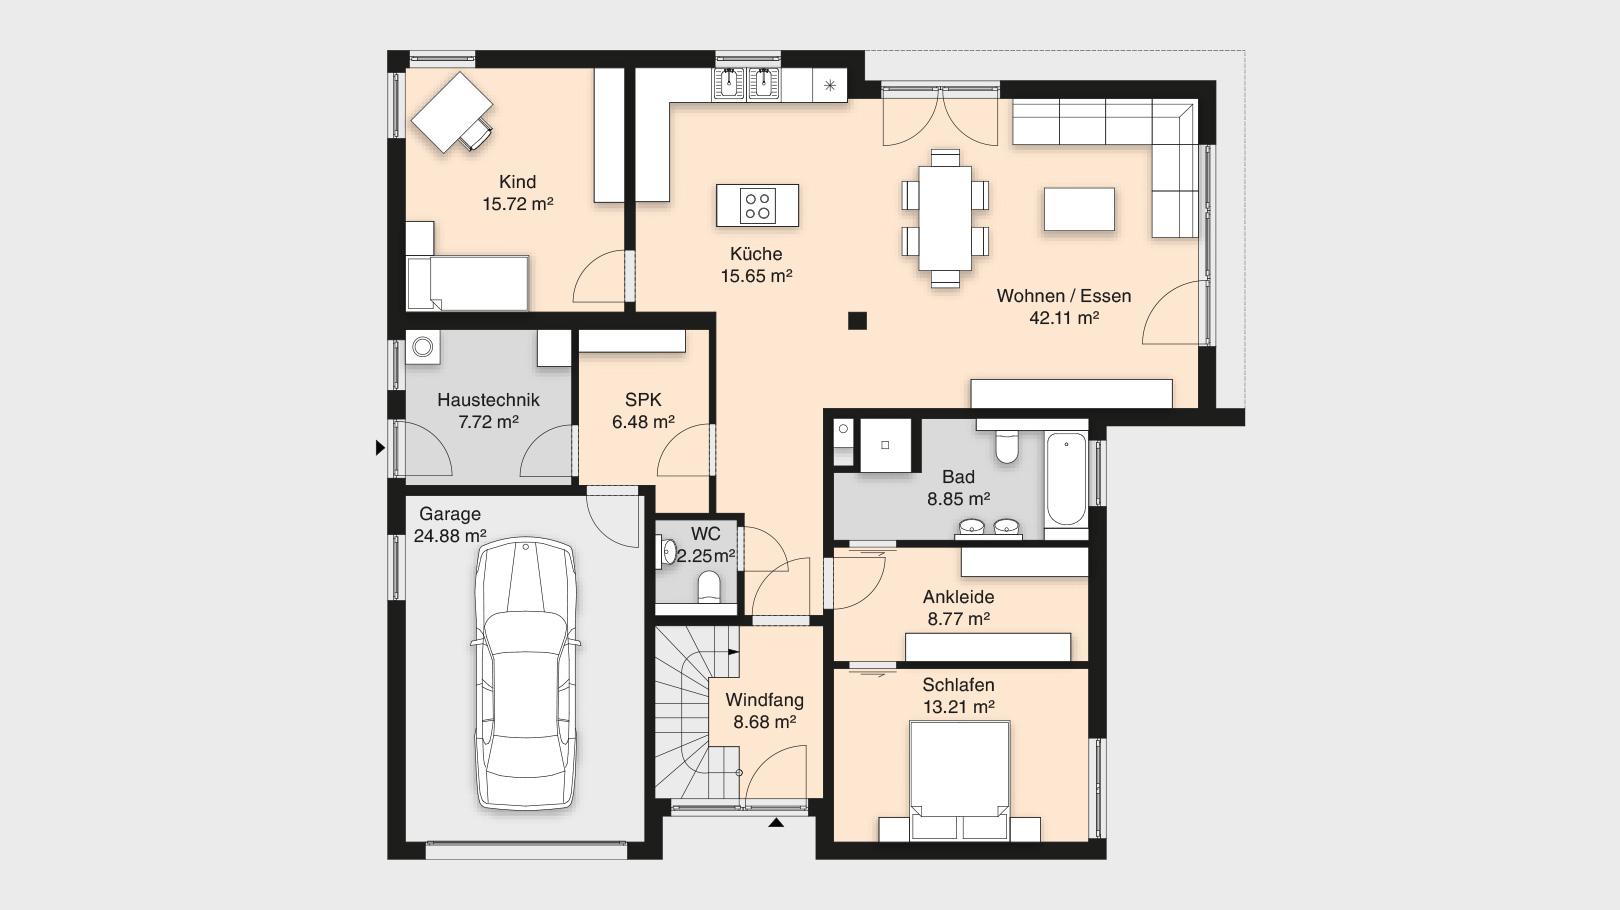 Haus-Idee Arnstadt